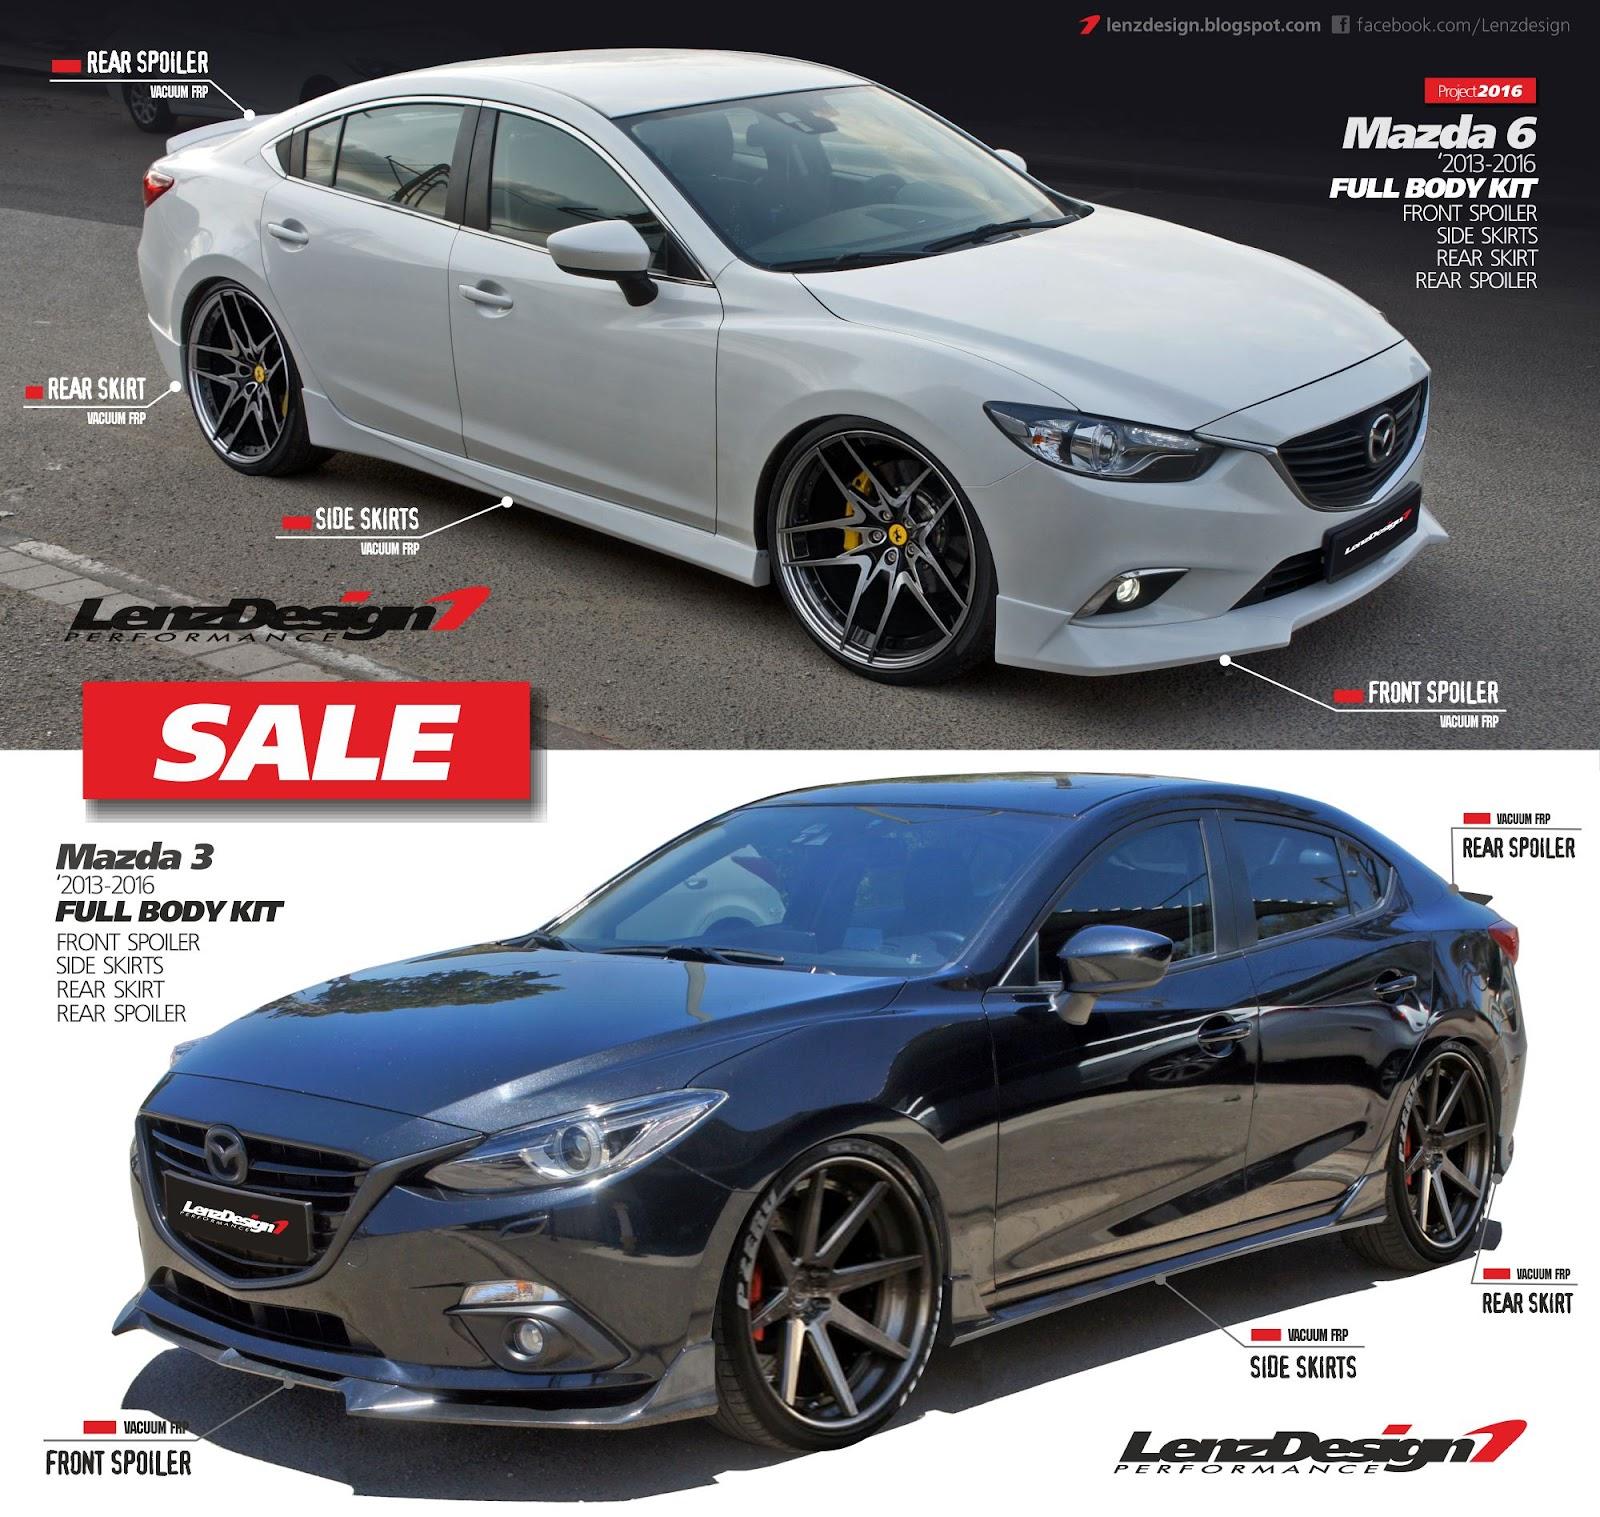 Mazda 6: Custom Body Kit & Carbon Fiber